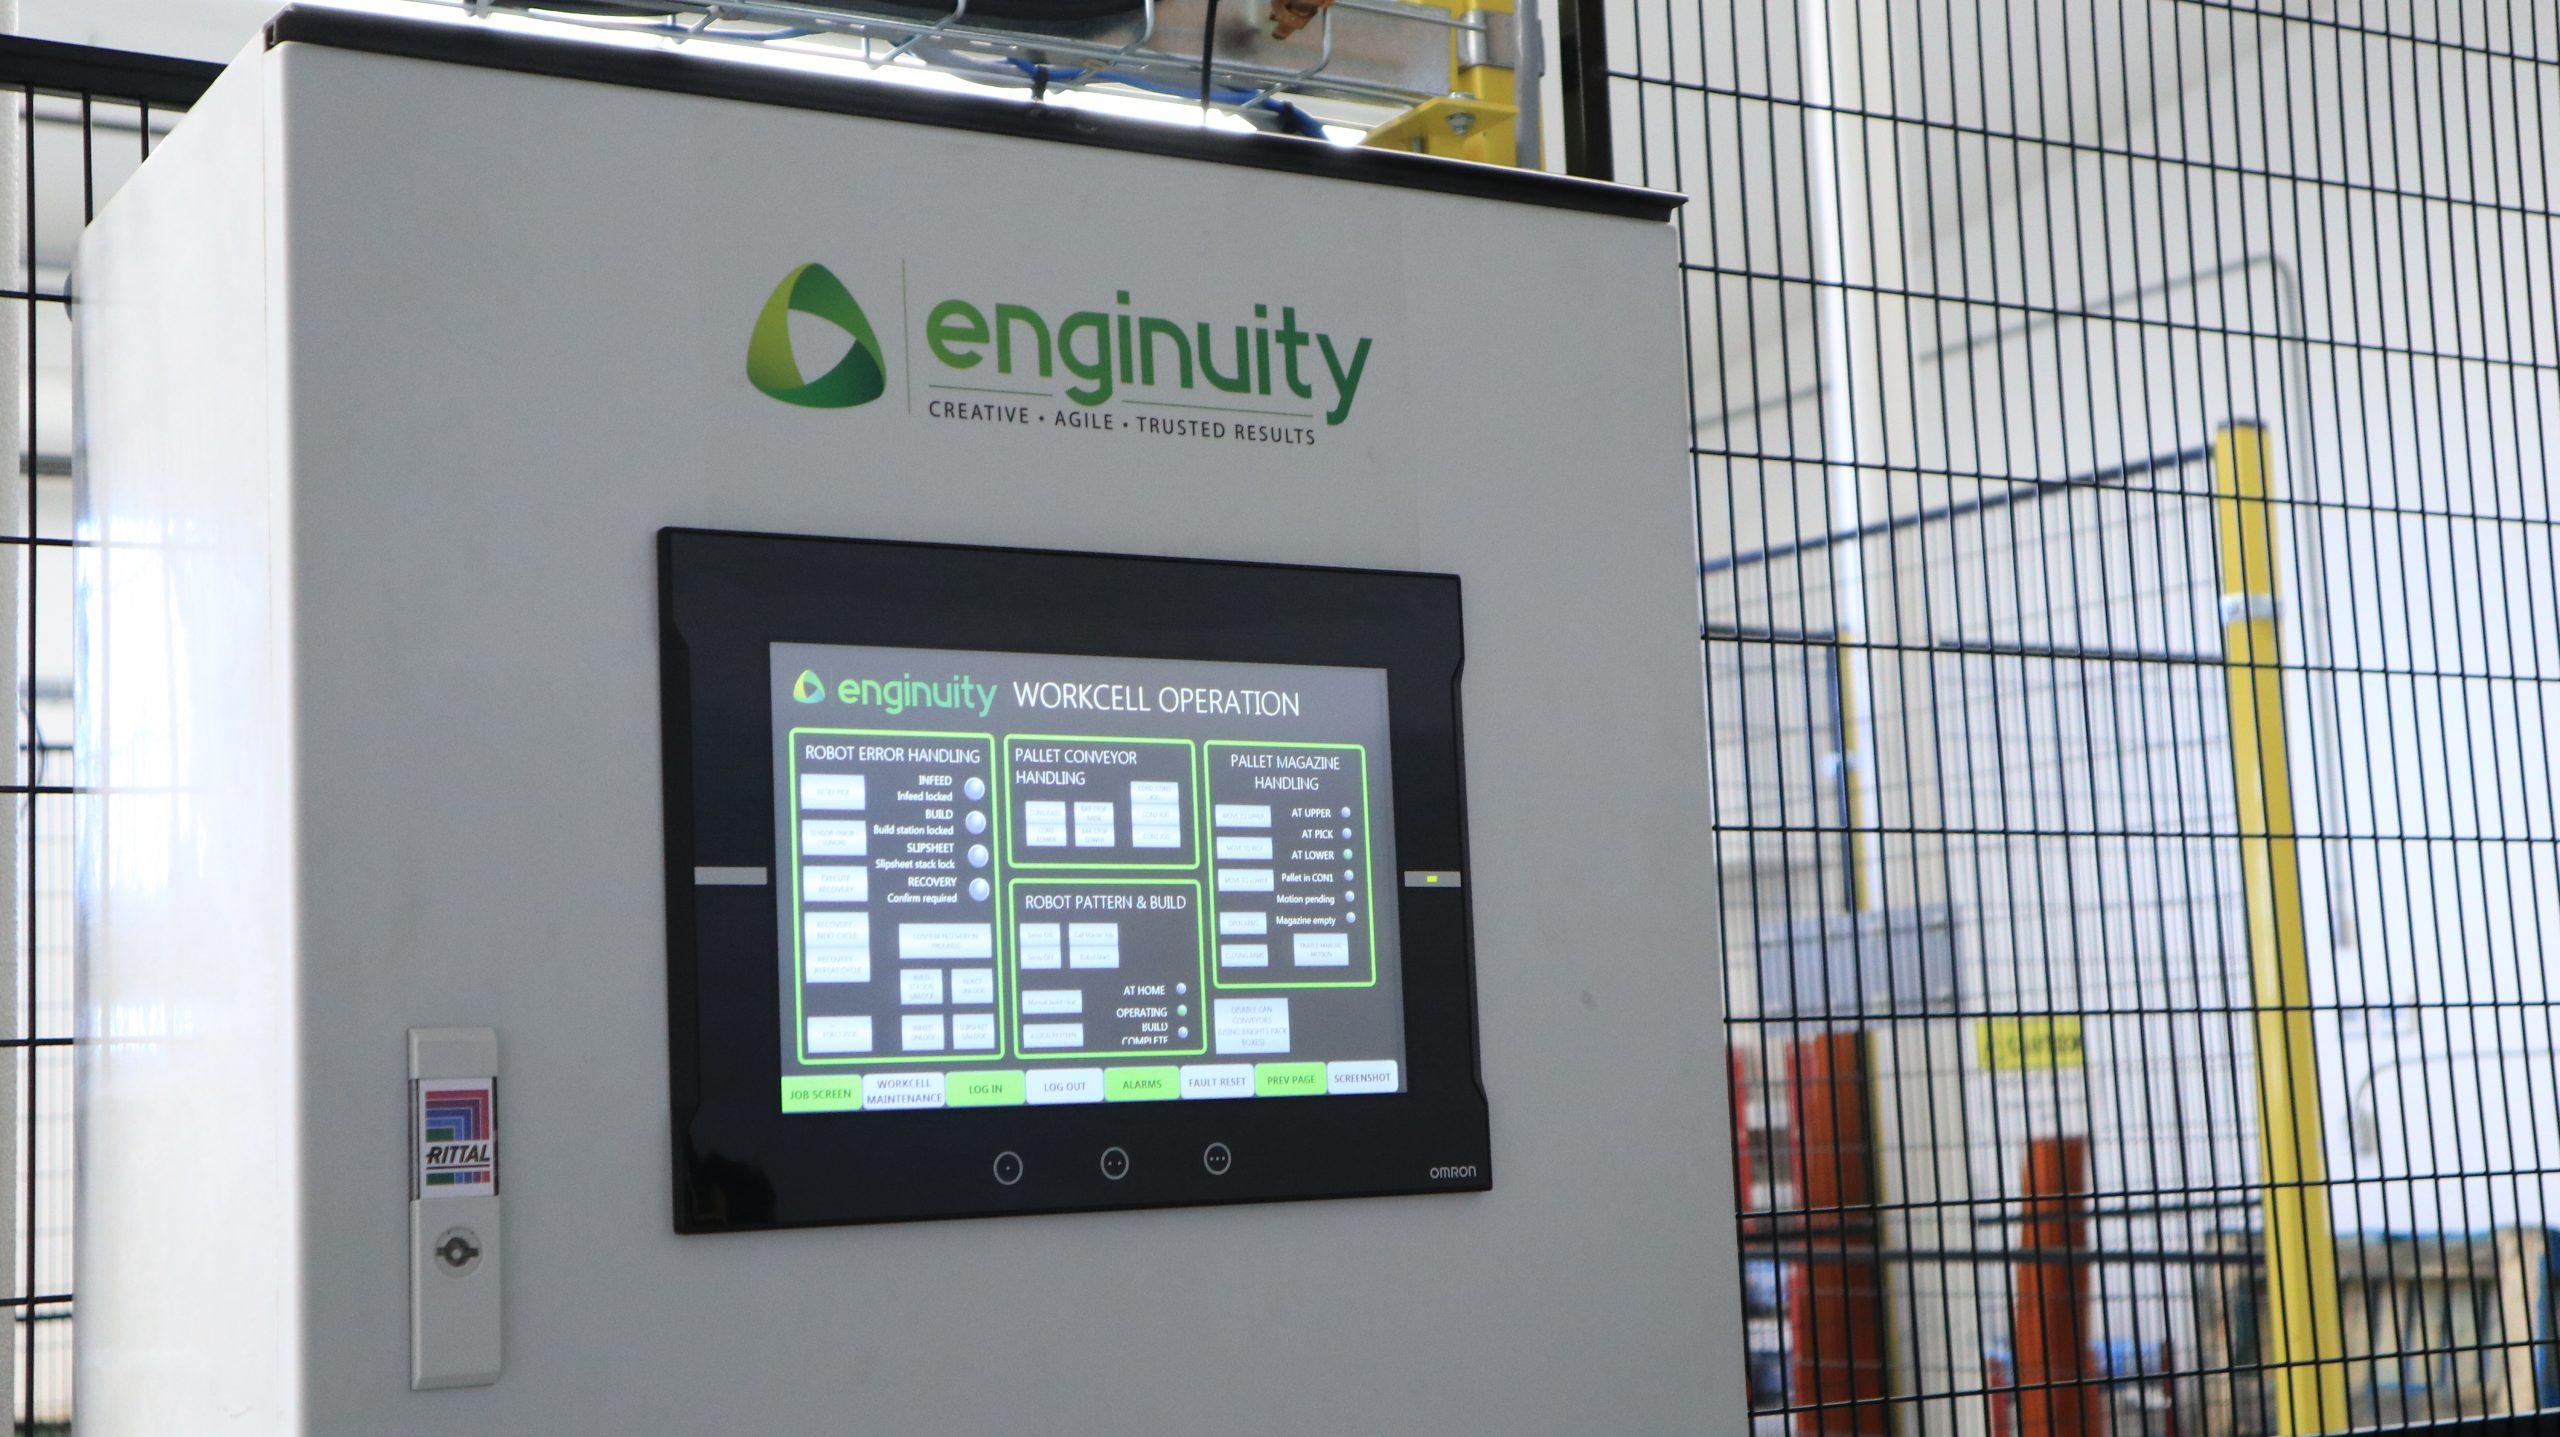 SCADA Control System enginuity